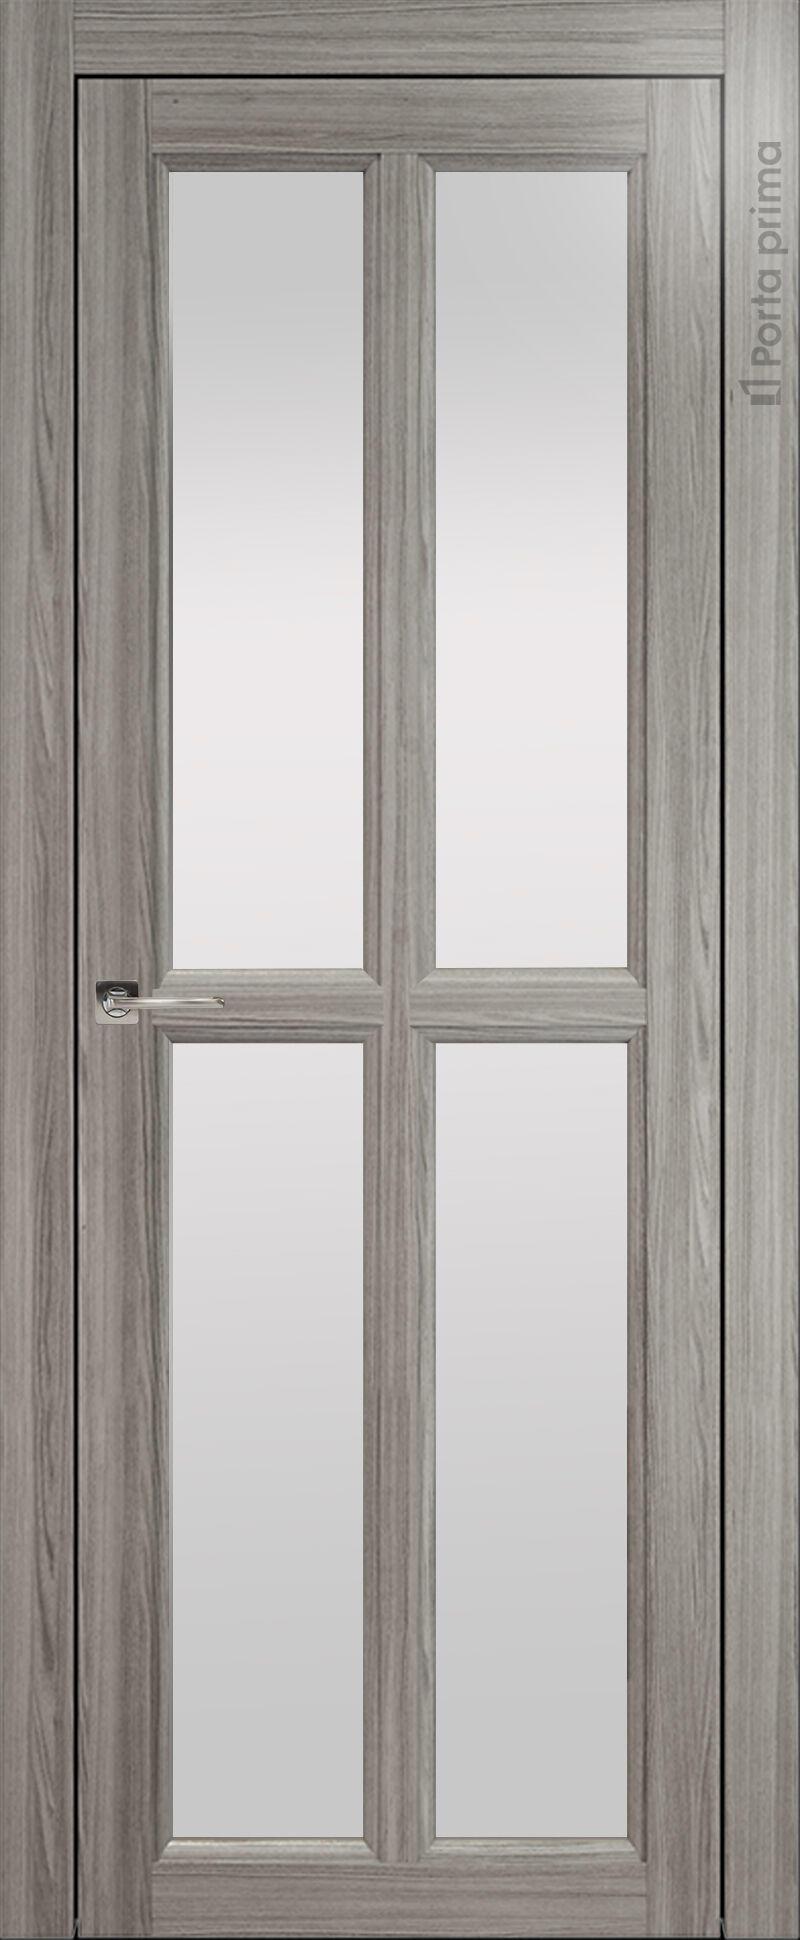 Sorrento-R И4 цвет - Орех пепельный Со стеклом (ДО)